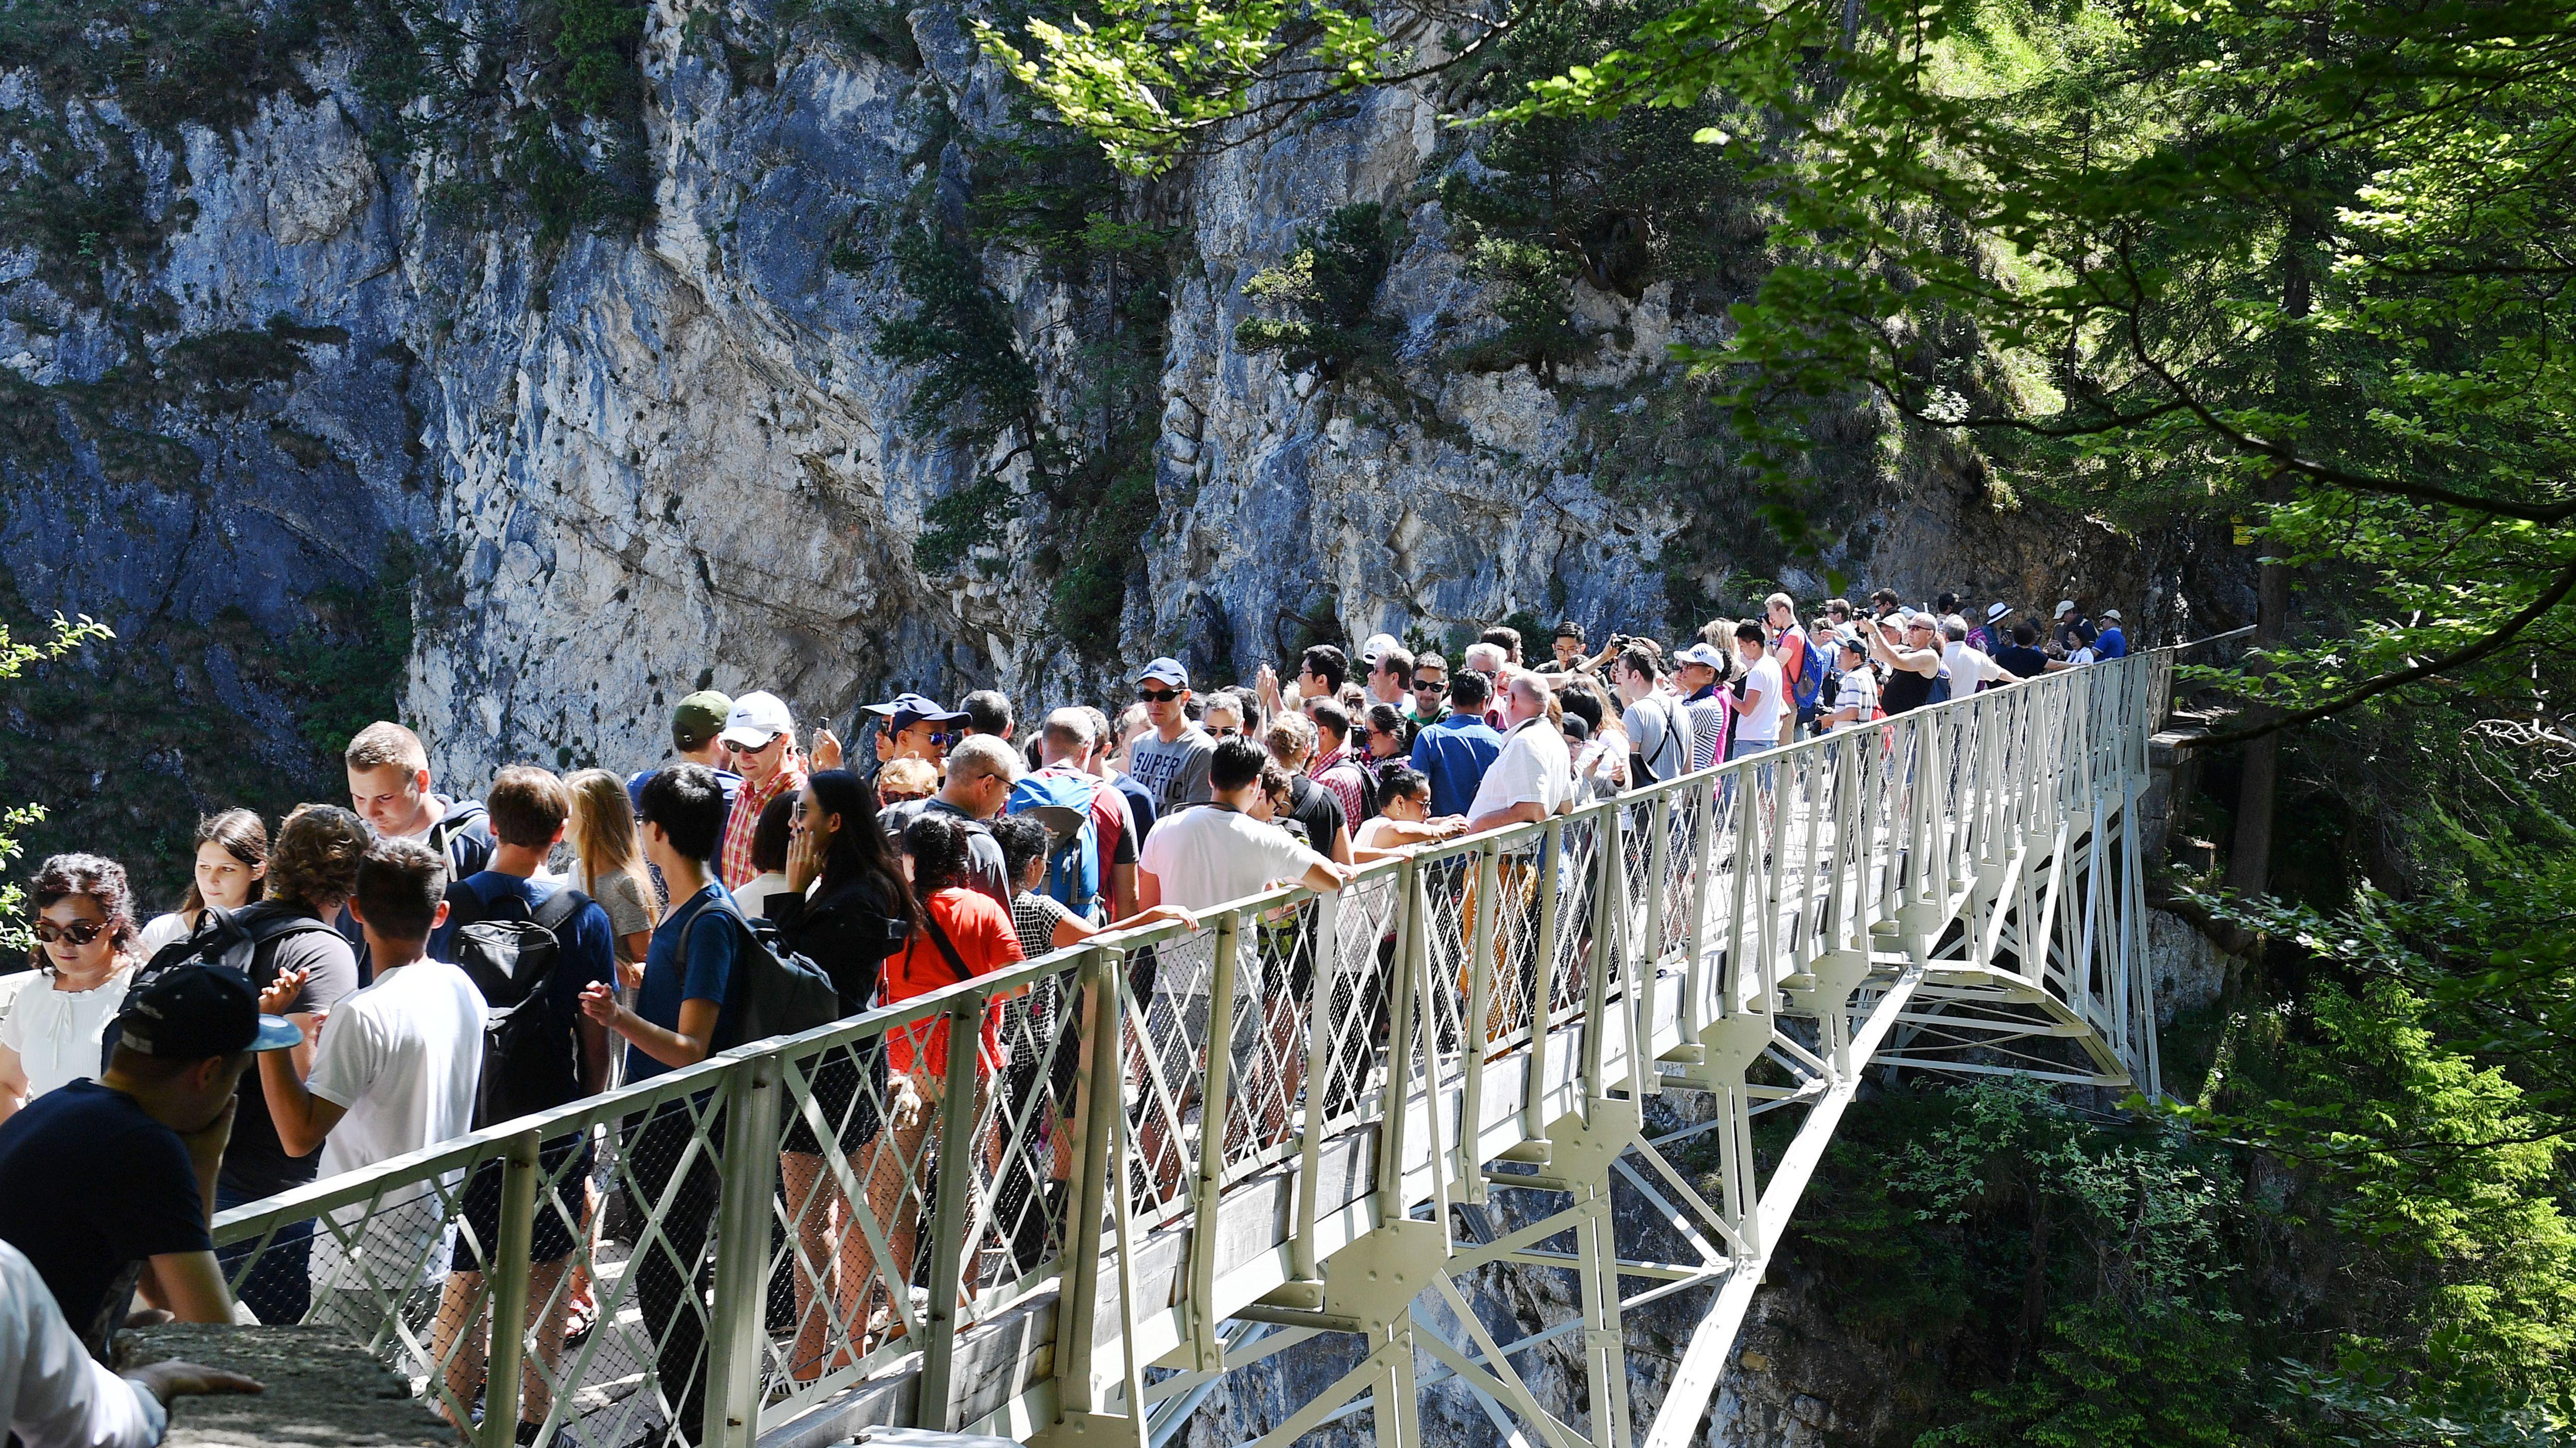 Die Marienbruecke in Schwangau bei Füssen. Touristen wollen Blick auf Neuschwanstein erhaschen.